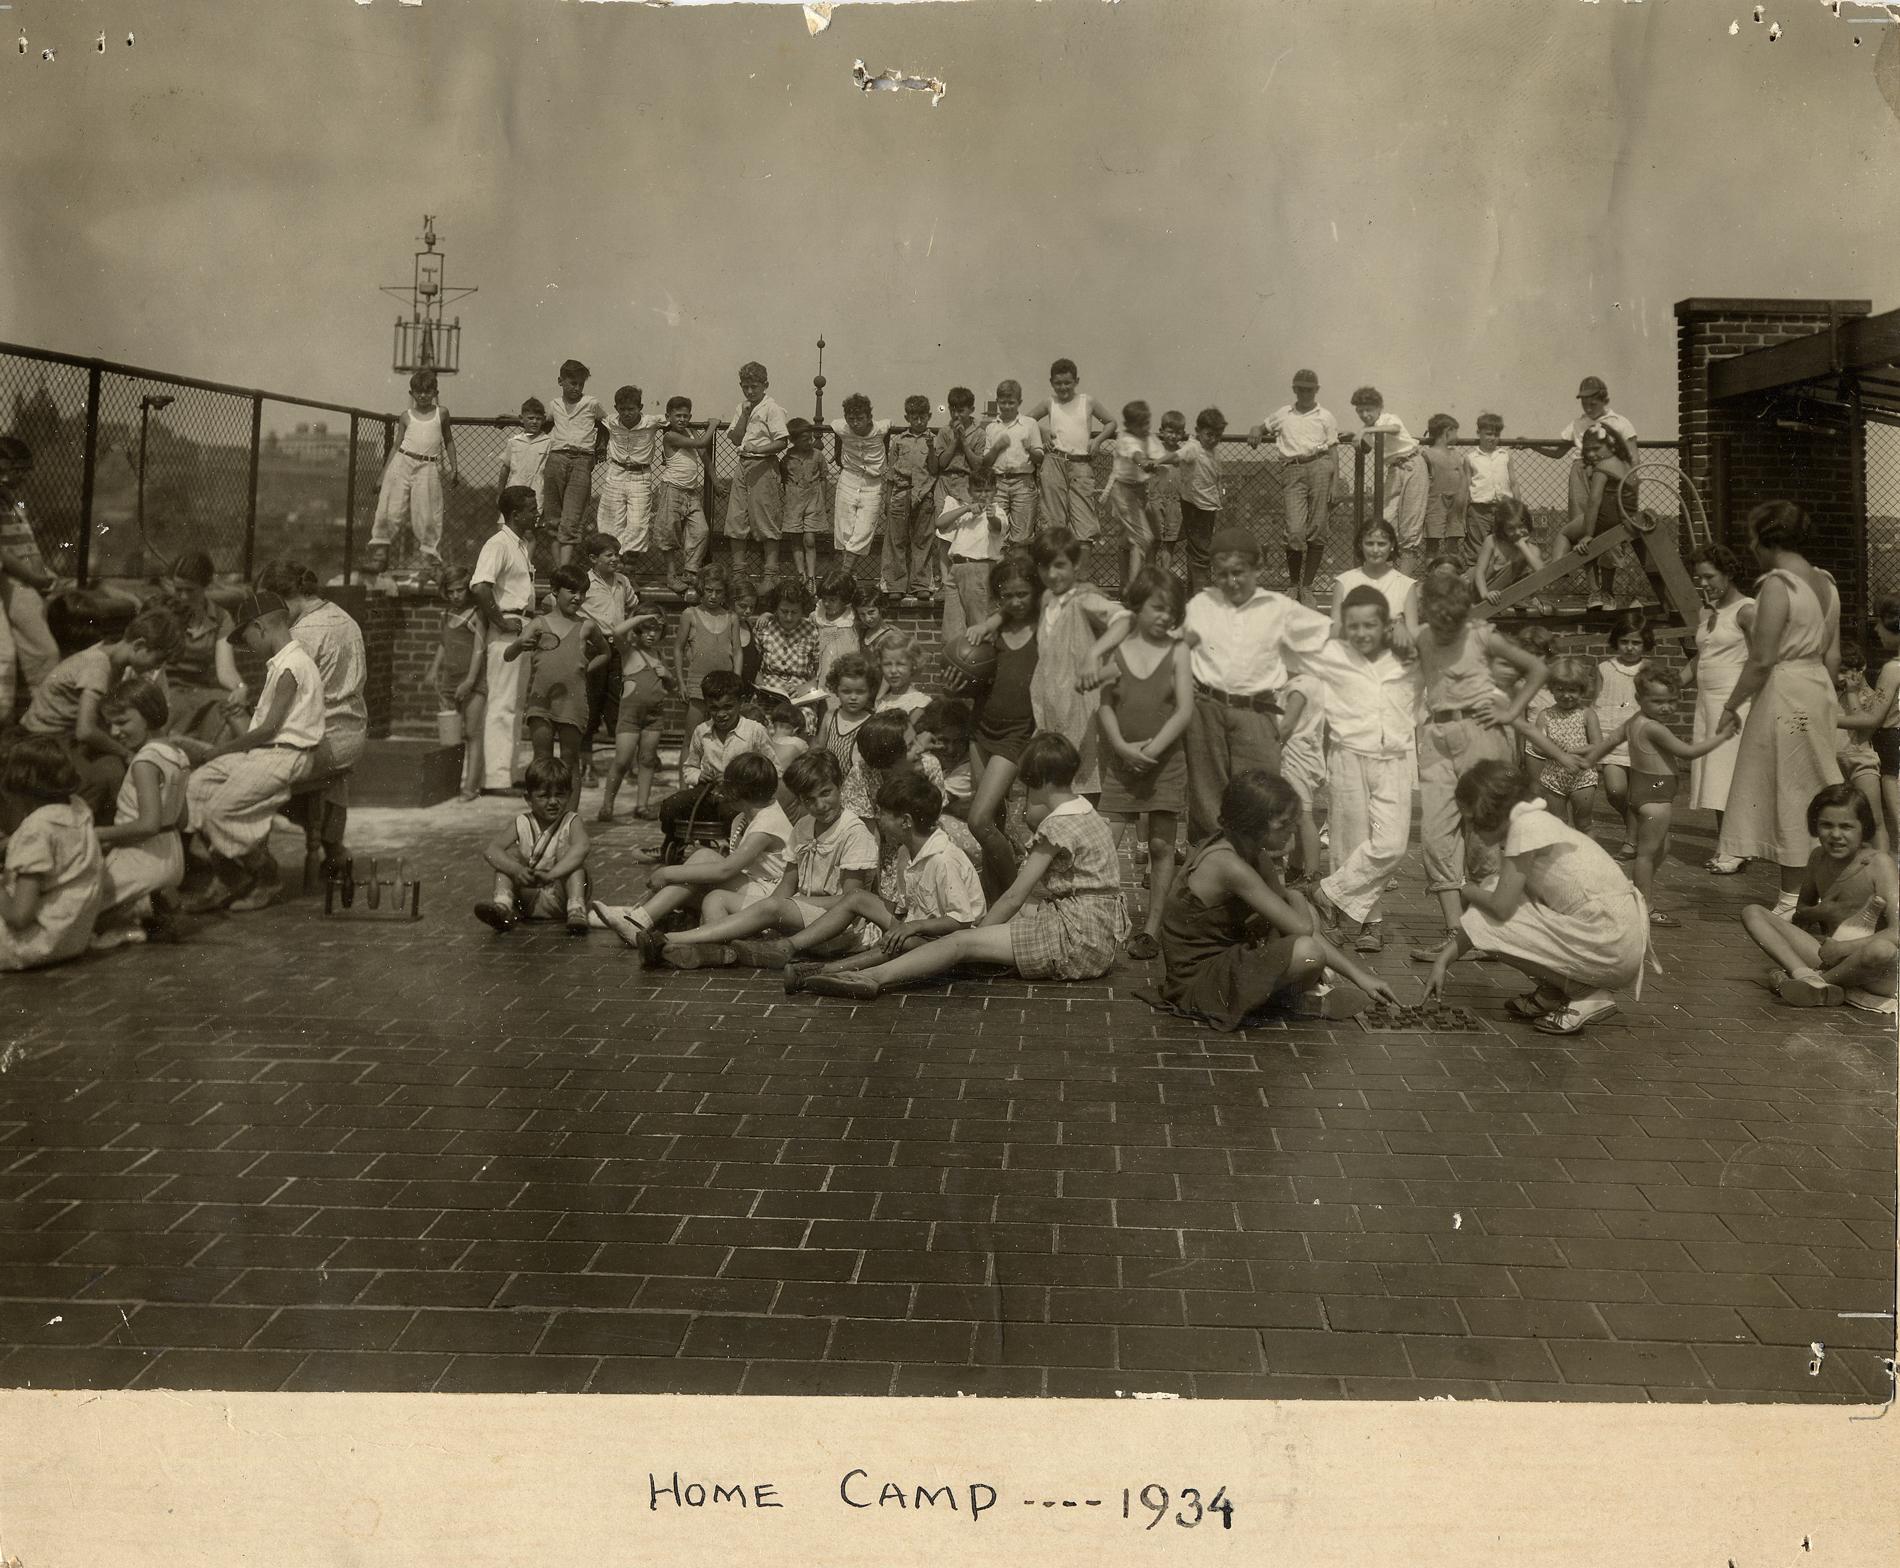 1934 image